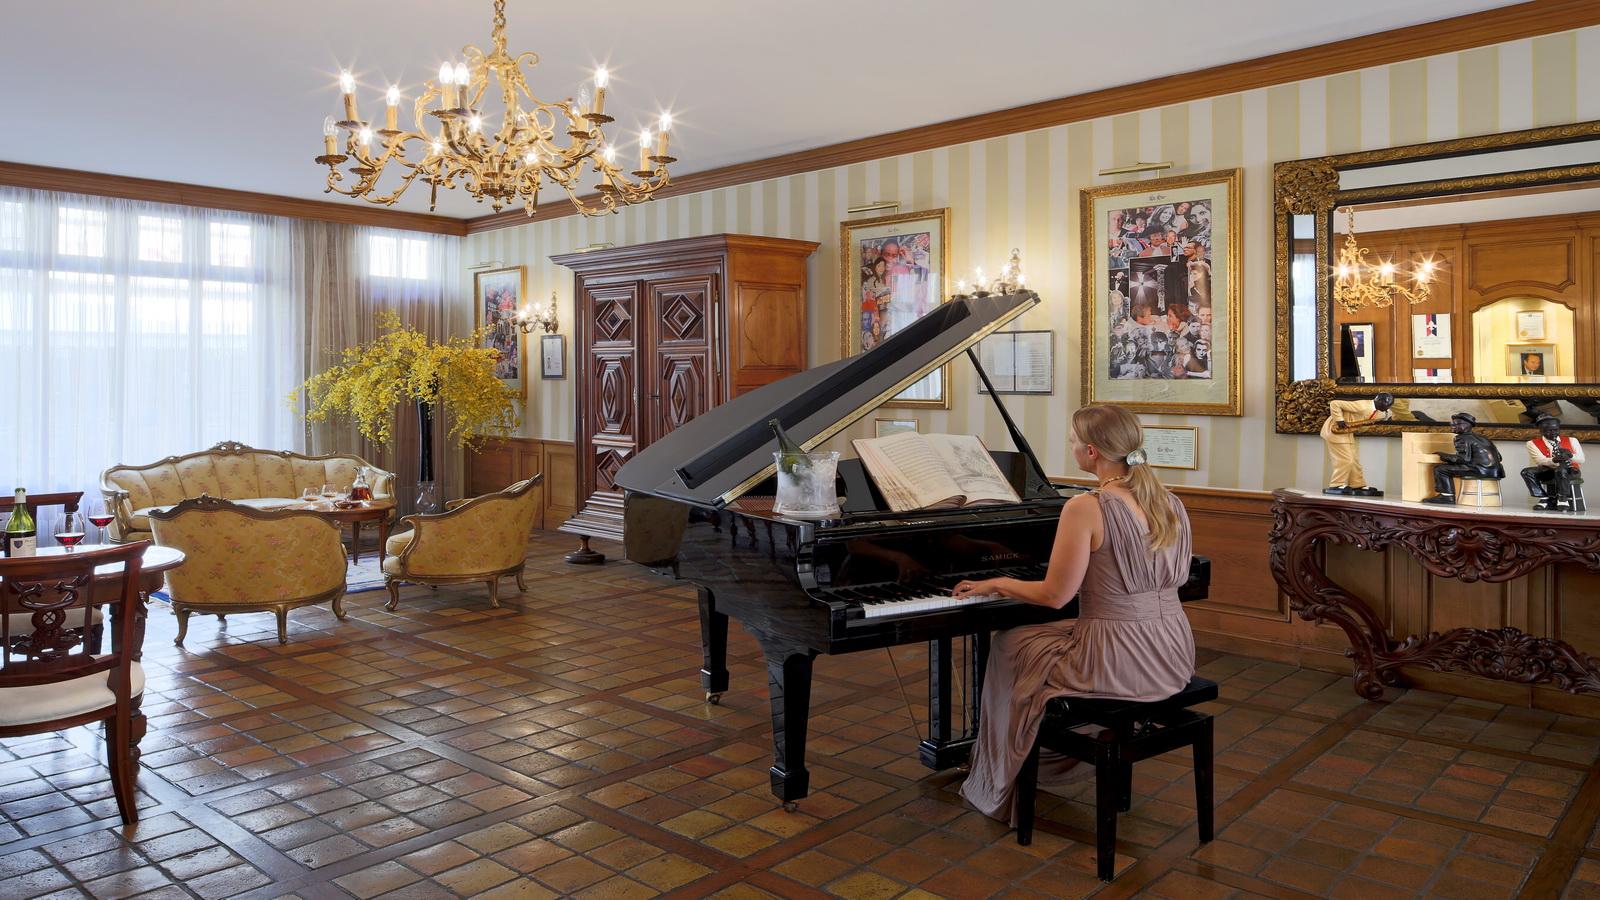 Le Salon Louisiane - Hôtel Le Cep © HÔTEL LE CEP©JC BERNARD